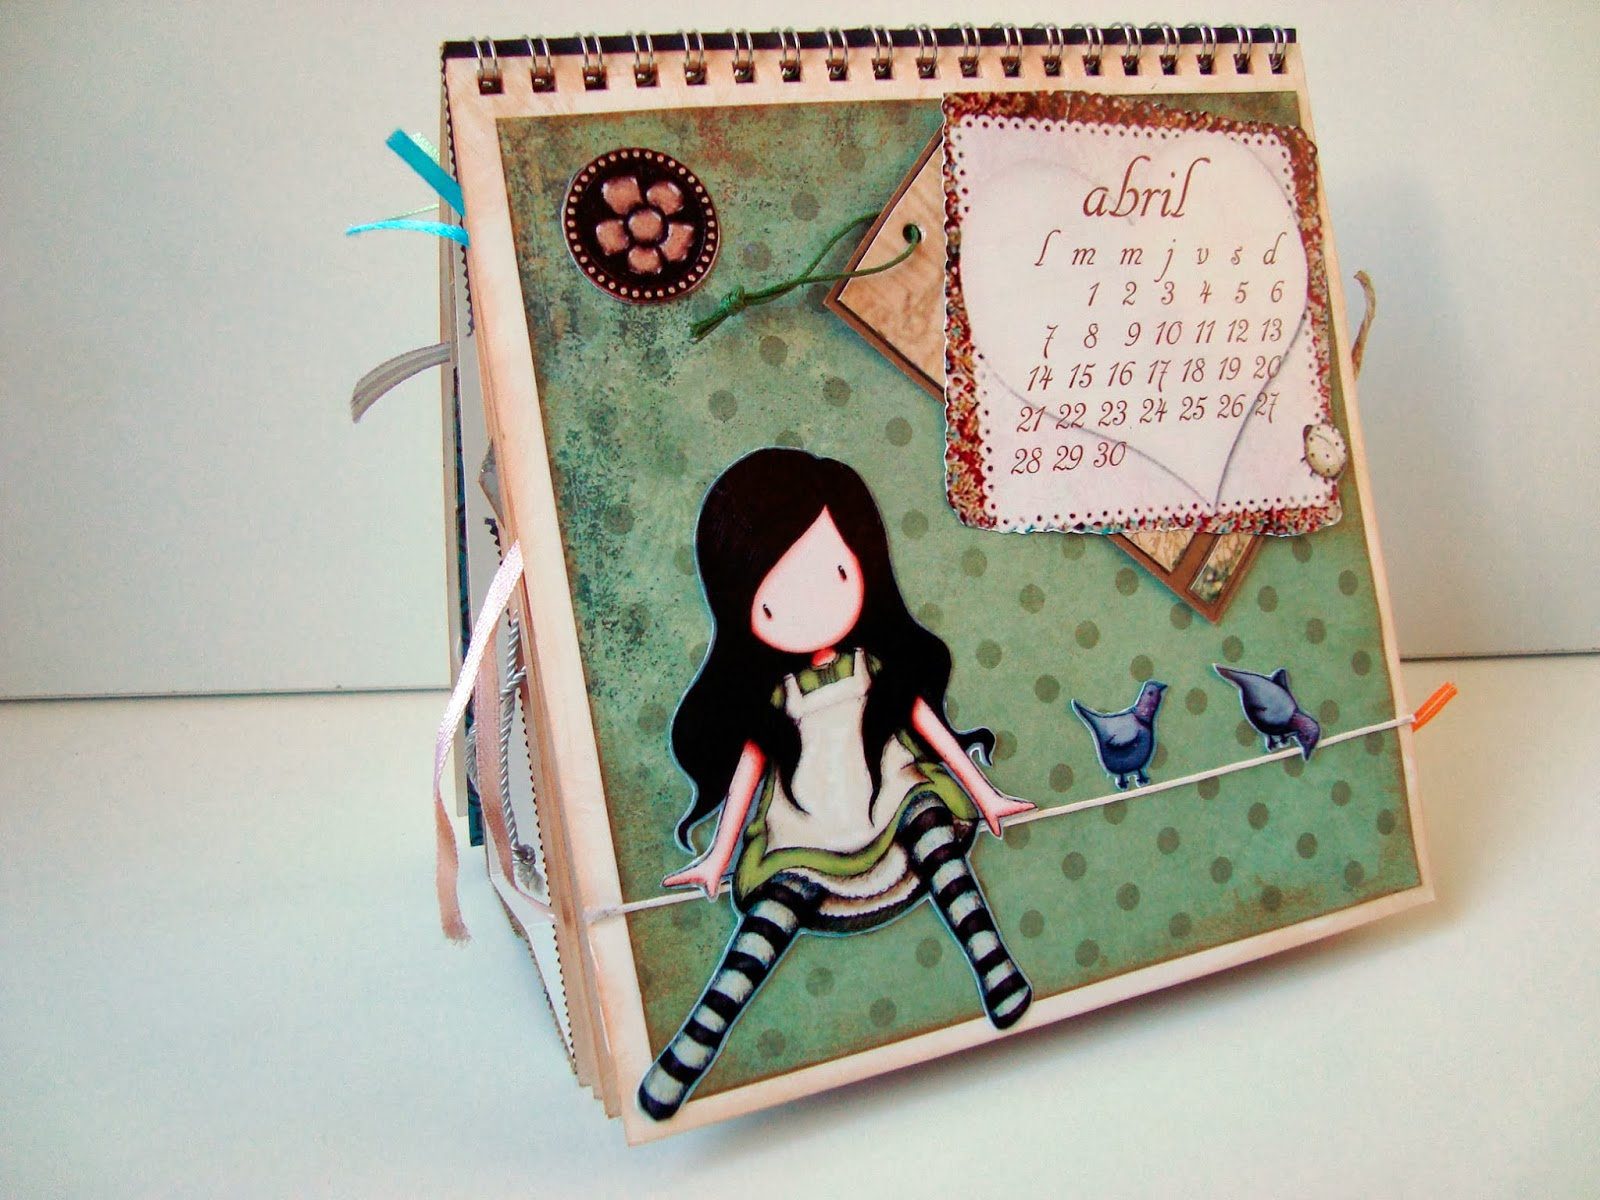 calendario_gorjuss_abril